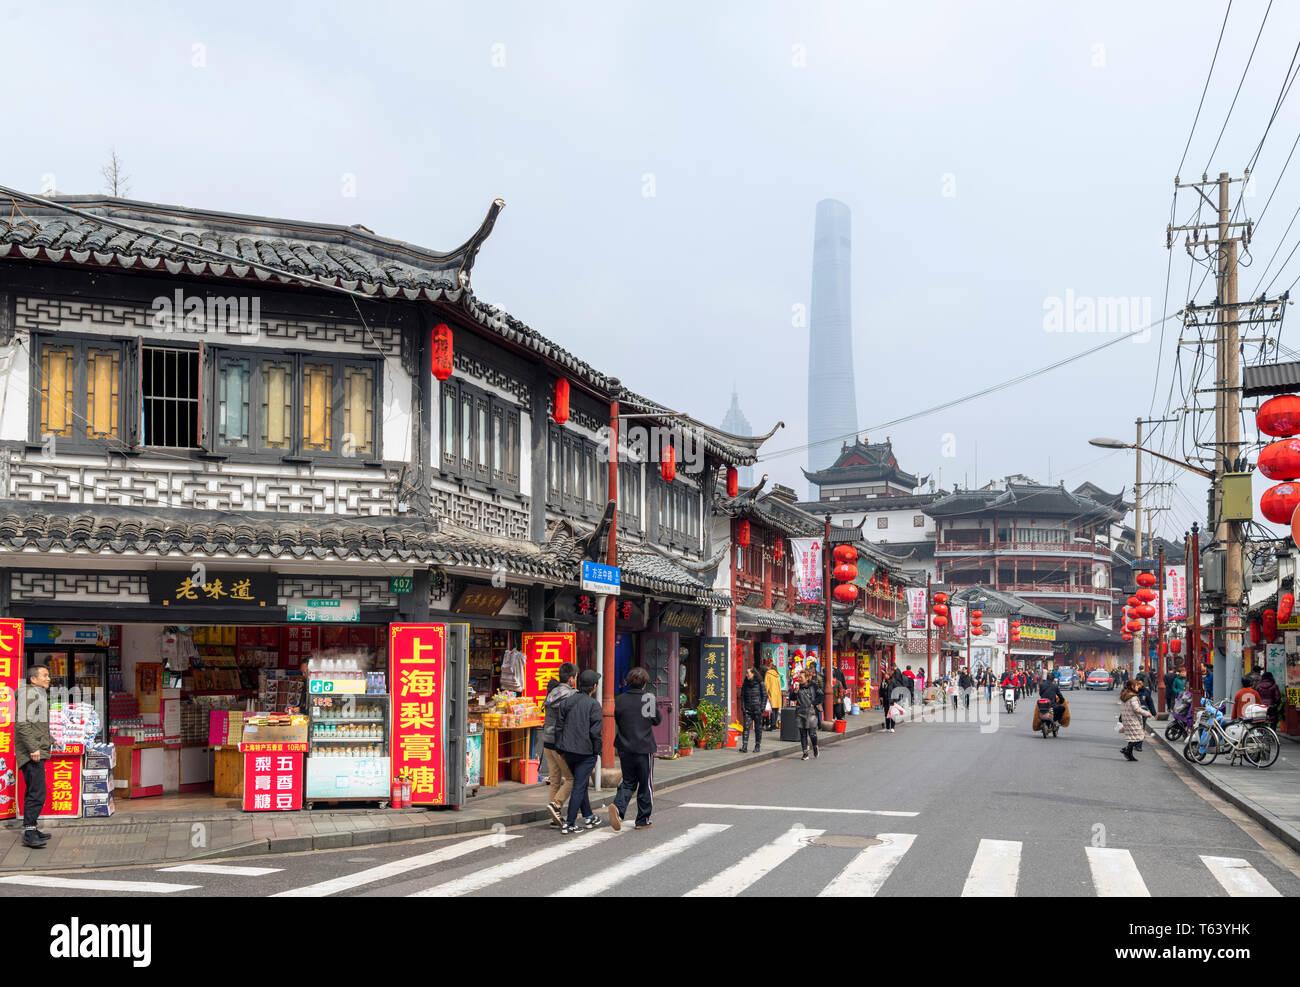 Restaurantes y tiendas tradicionales en Oriente Fangbang Road con la Torre de Shanghai, apenas visible a través de la contaminación del aire, Old Town, Shanghai, China Imagen De Stock